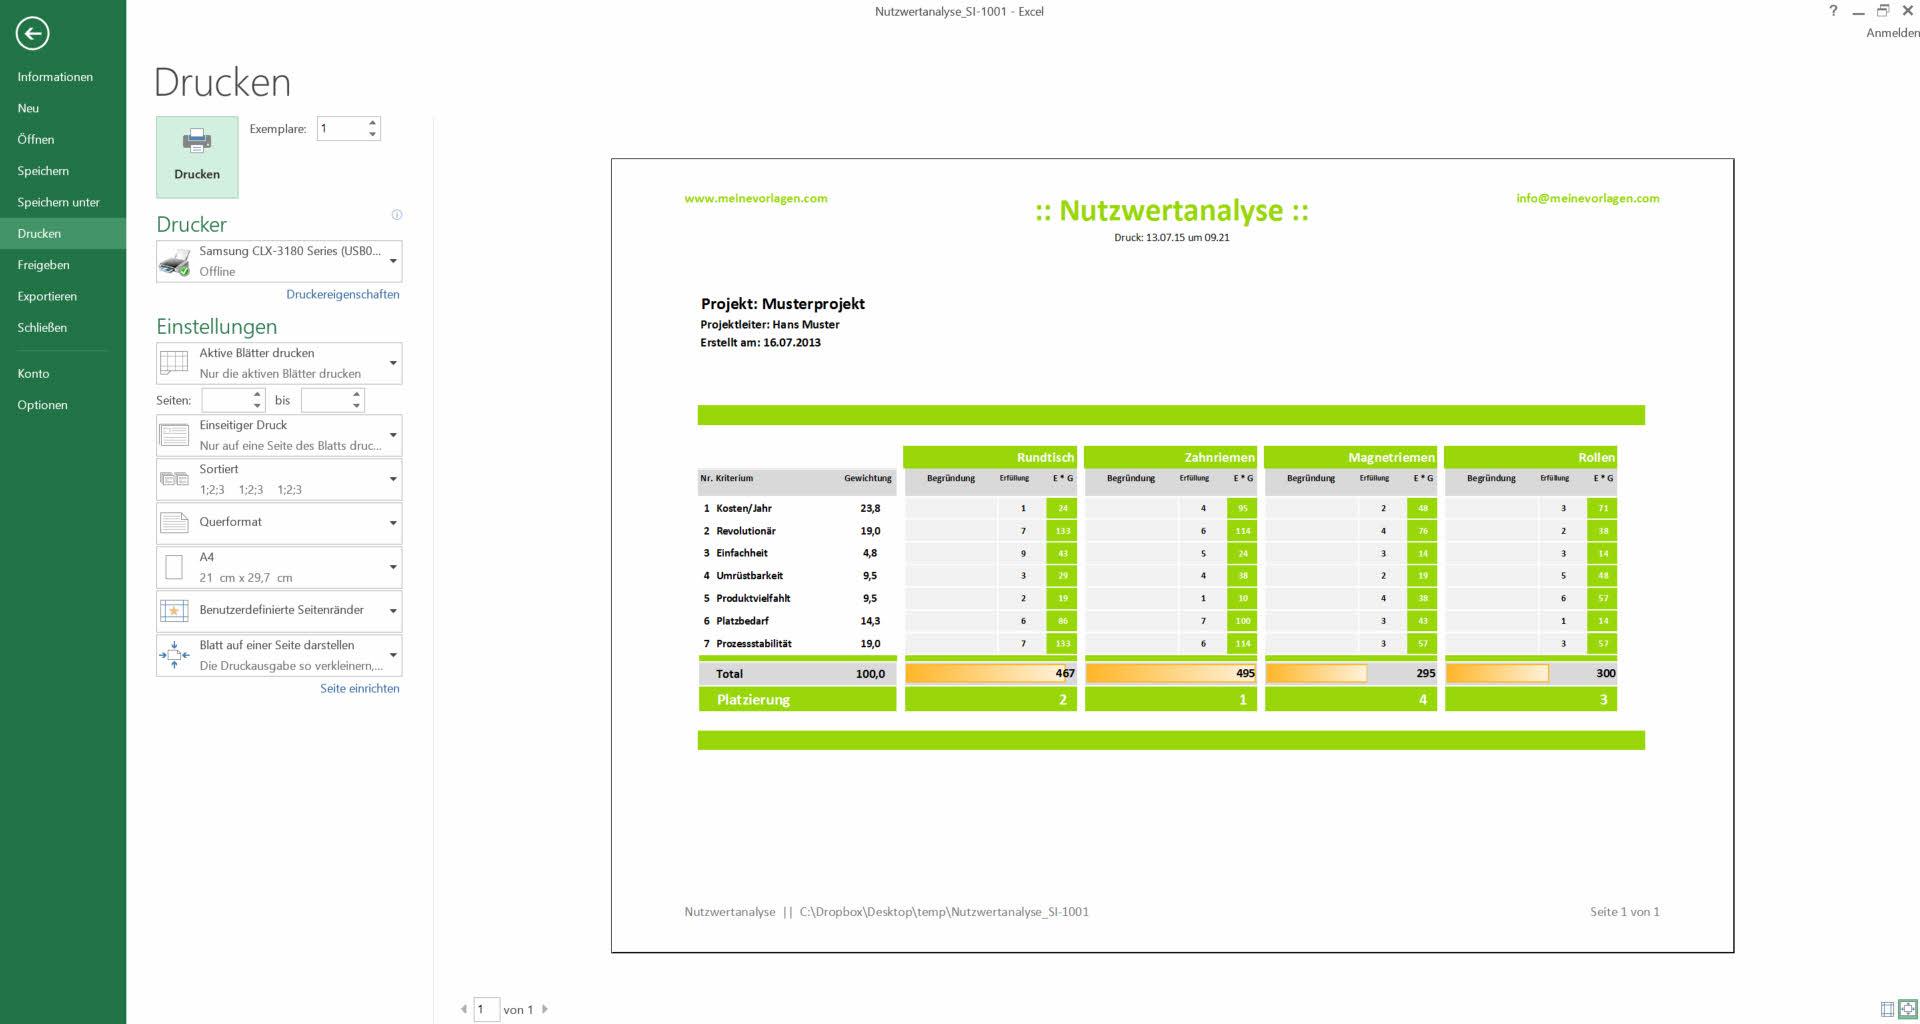 Nutzwertanalyse Excel Vorlage Tutorial Anleitung Youtube 2